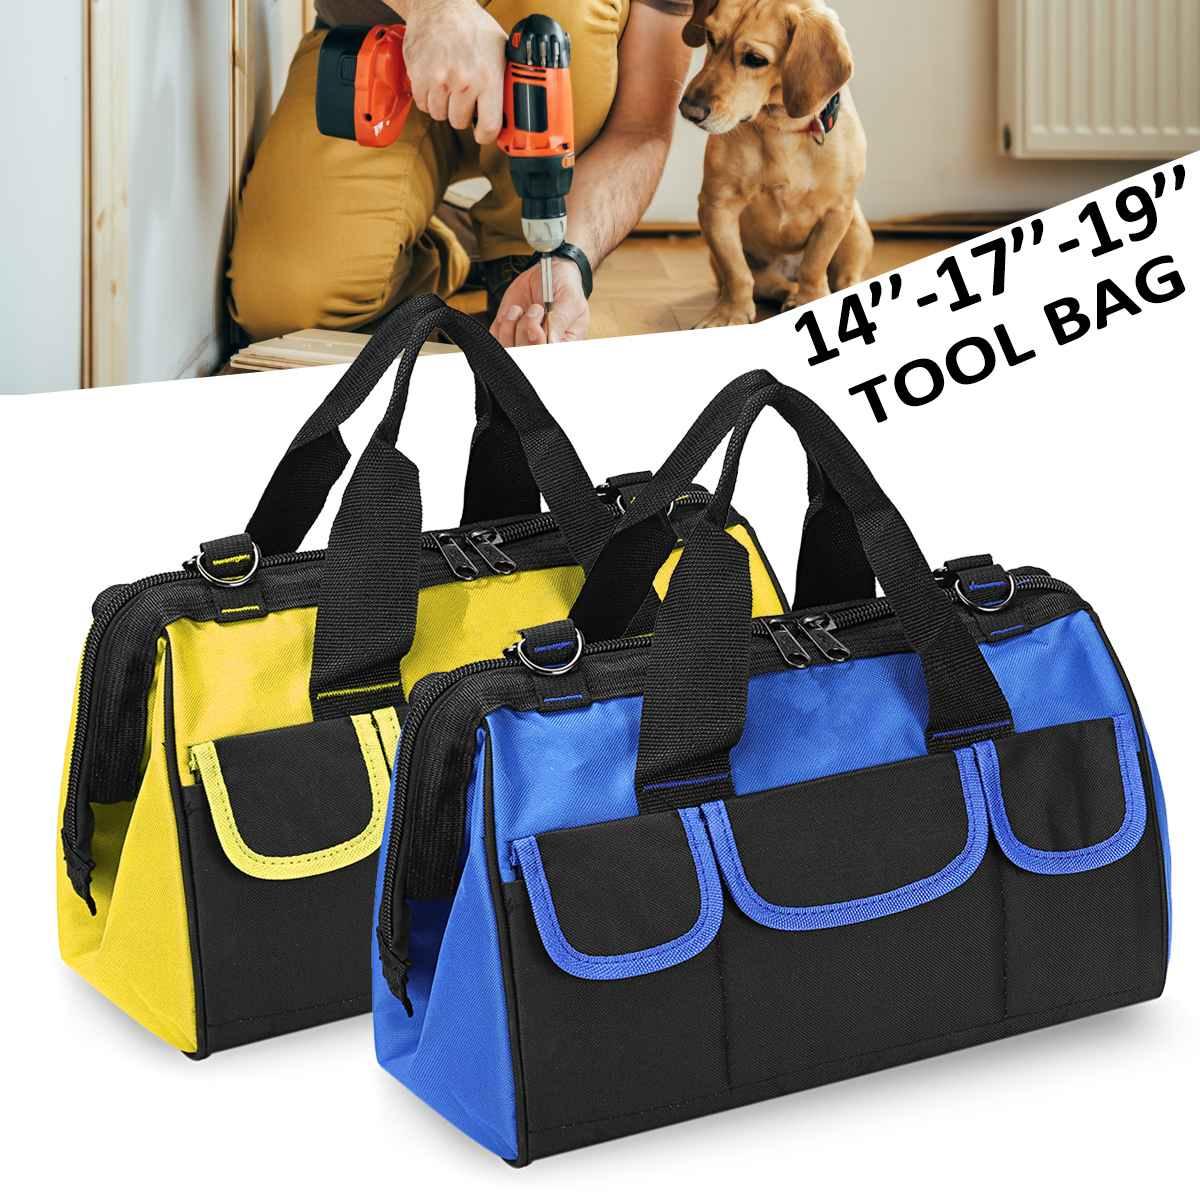 Bolsa de herramientas de almacenamiento para artículos diversos de 14-17-19 pulgadas, bolsa de hombro, funda, destornillador, llave, taladro, herramienta de reparación, bolsas organizadoras